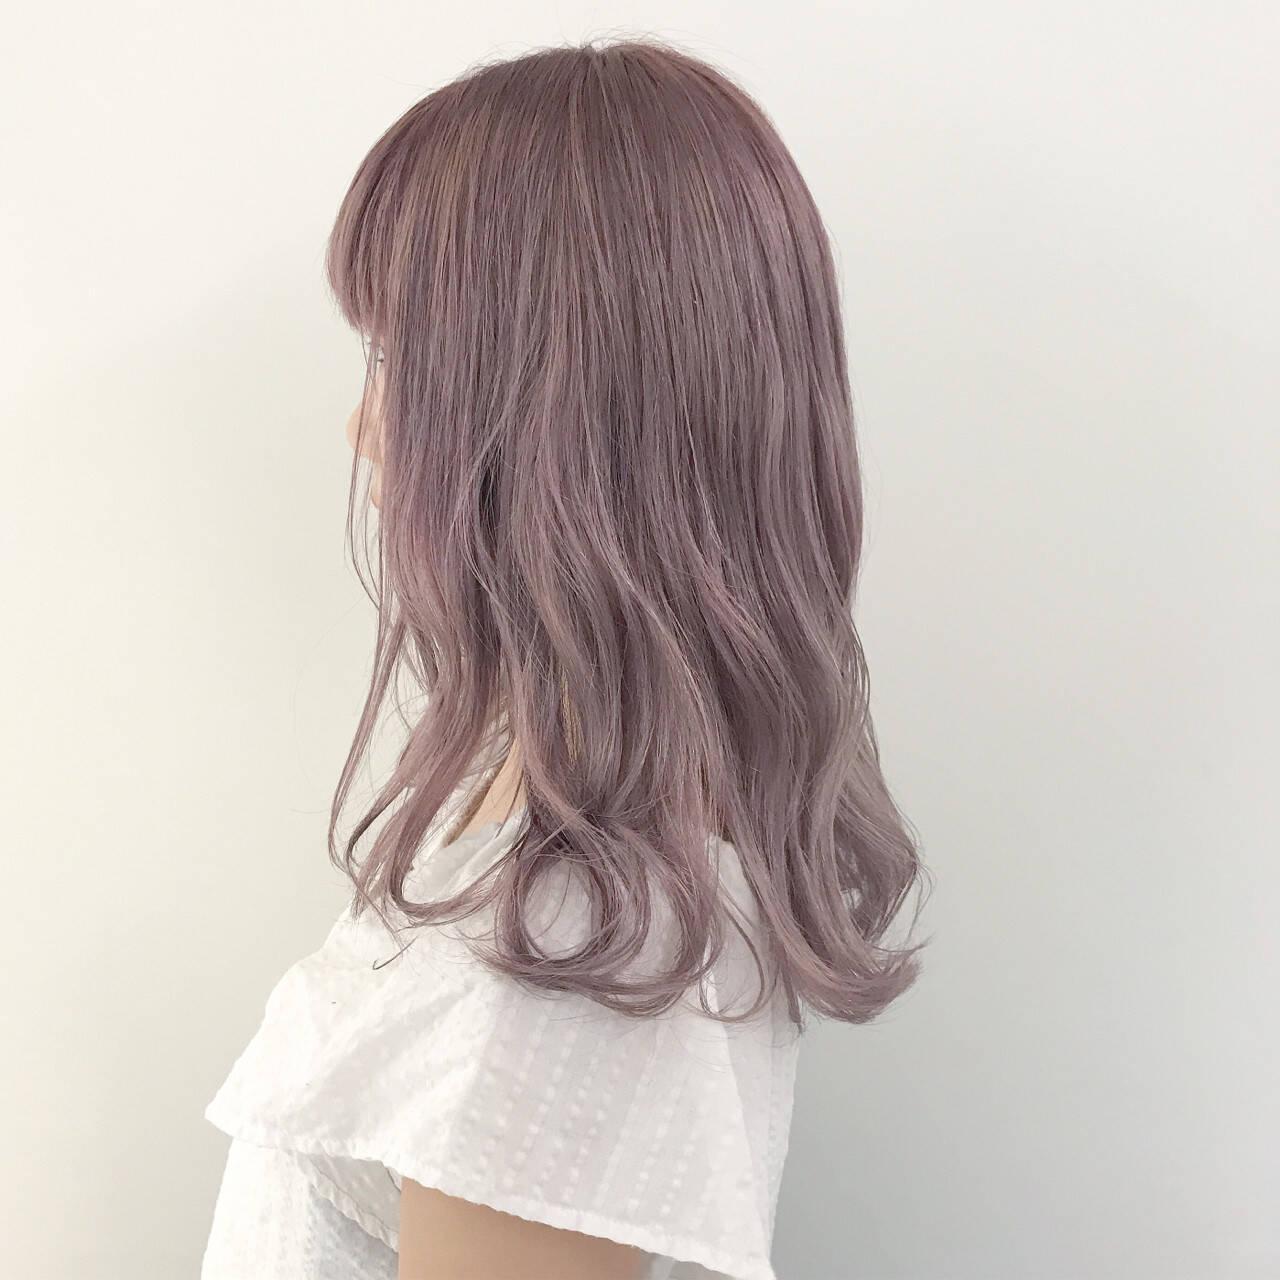 ハロウィン ラベンダーアッシュ ガーリー ラベンダーピンクヘアスタイルや髪型の写真・画像